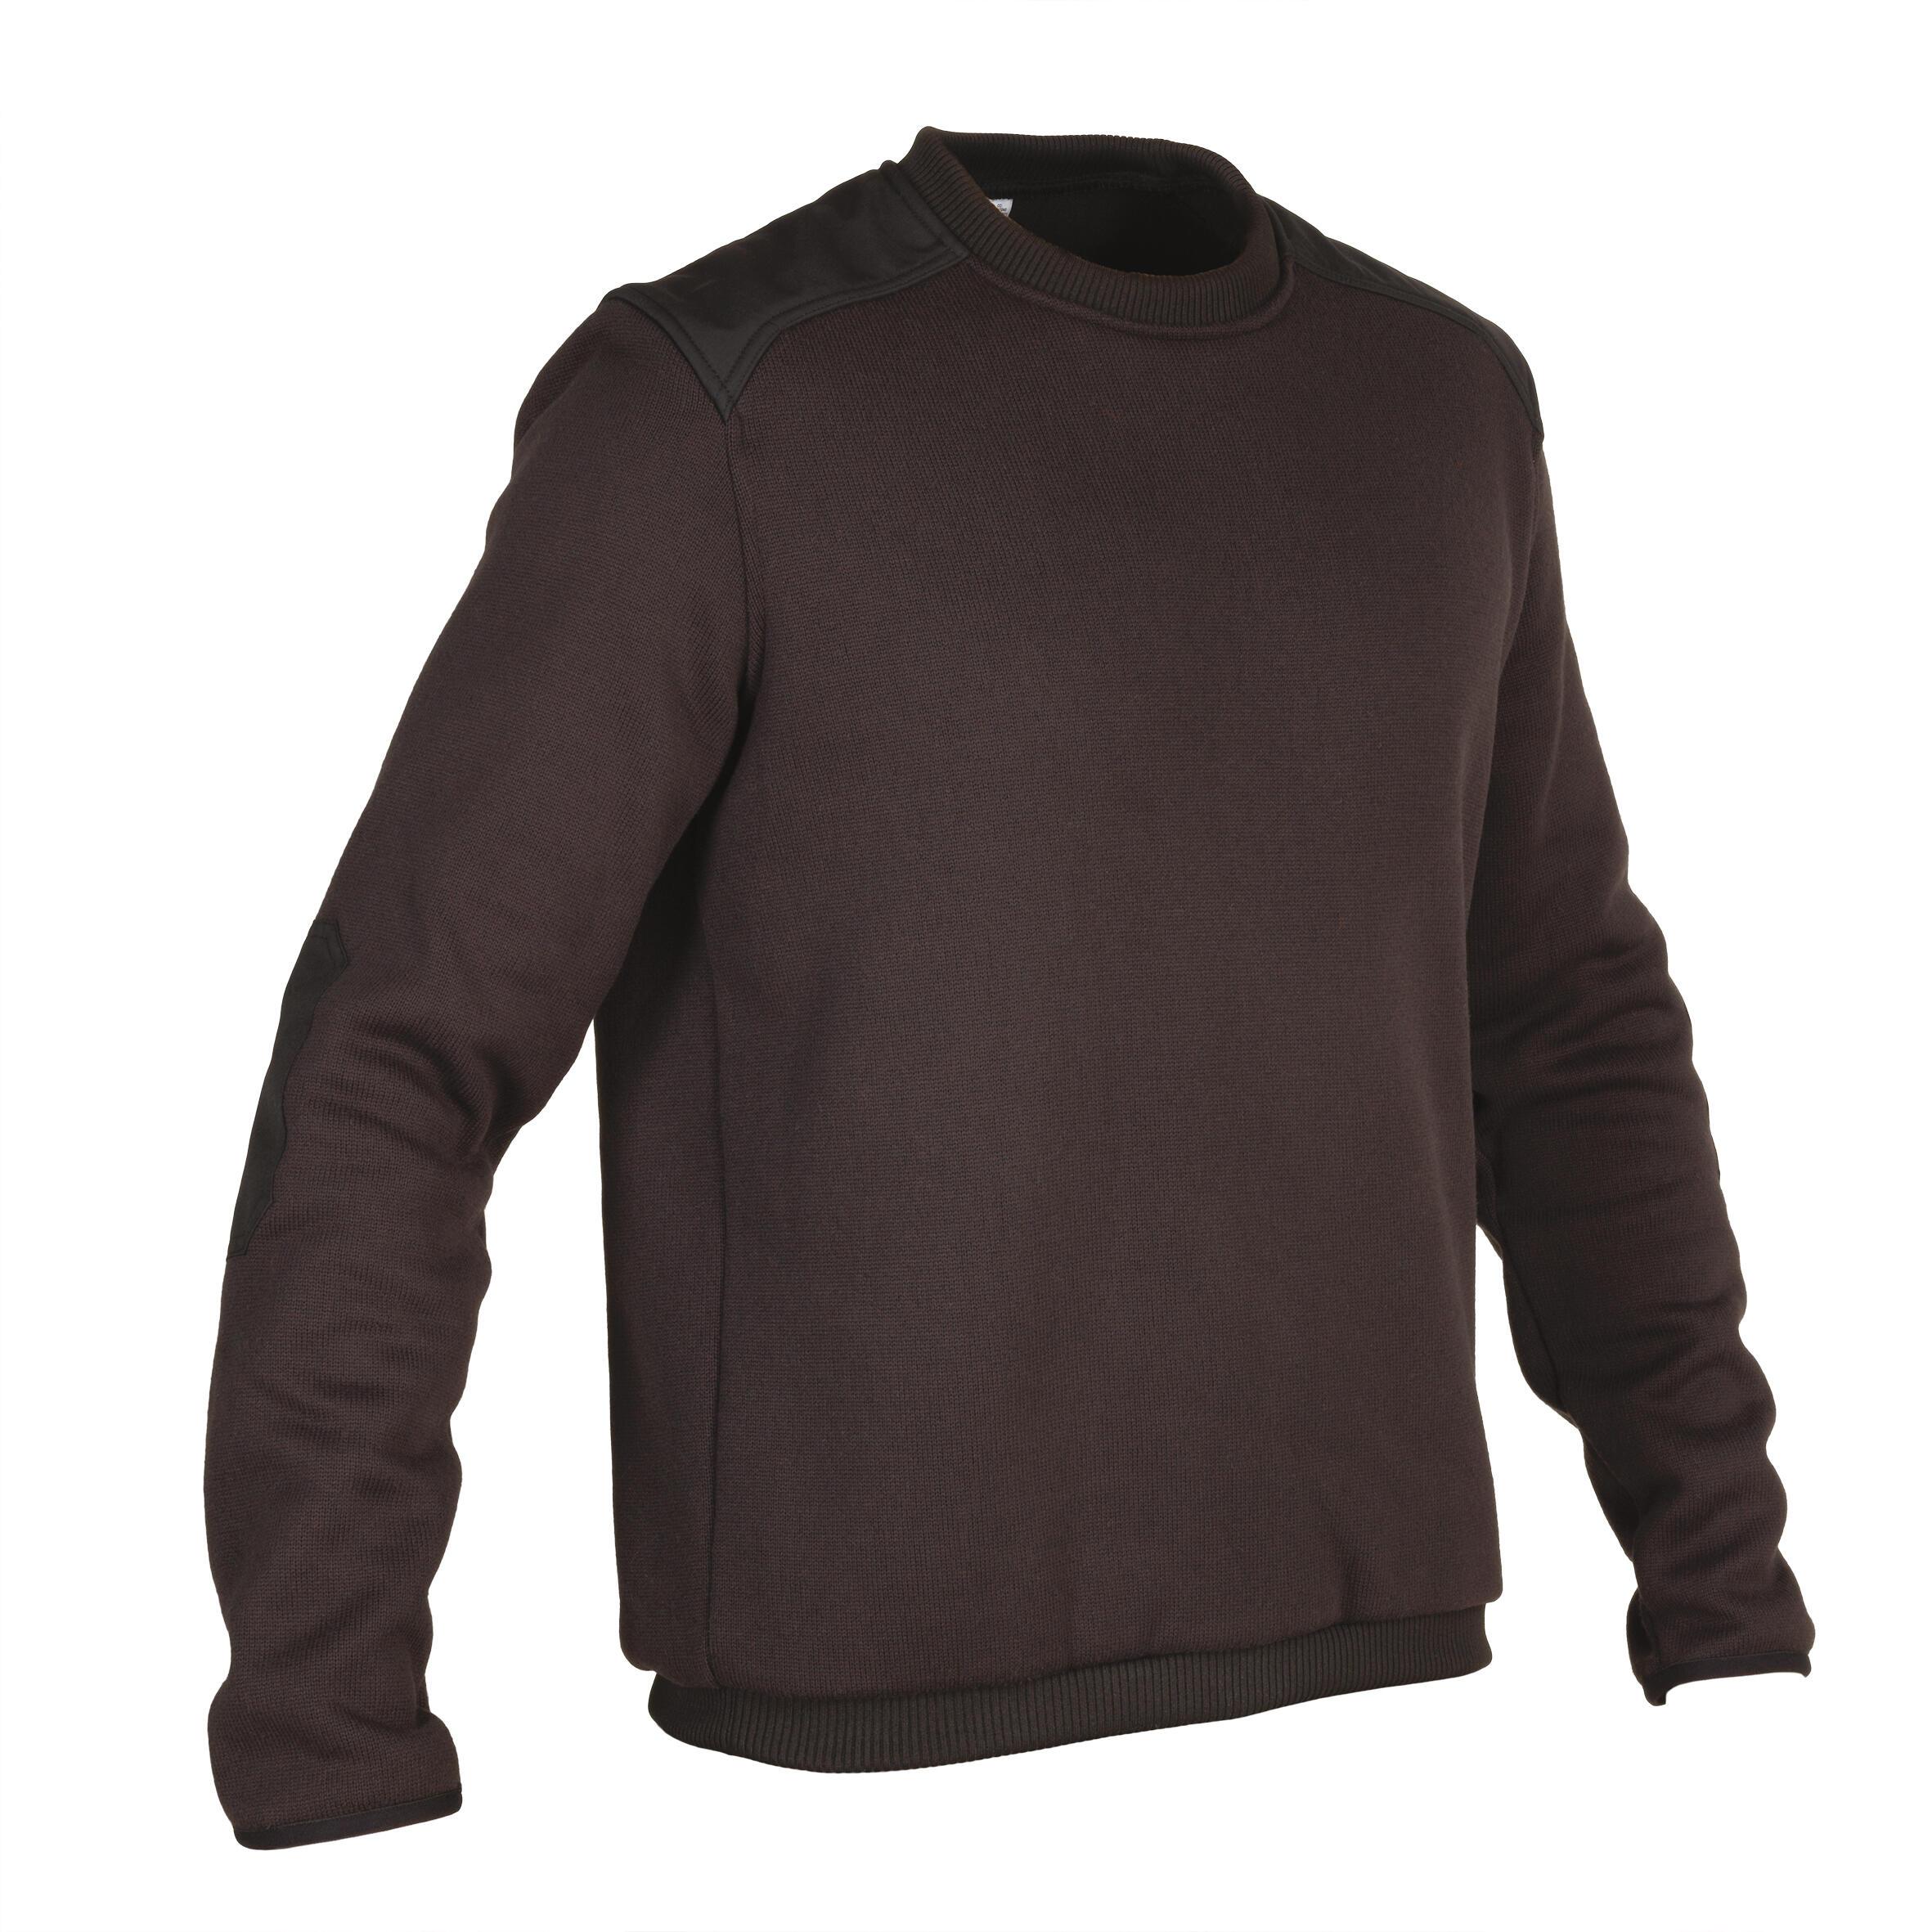 Jachtkleding kopen met voordeel